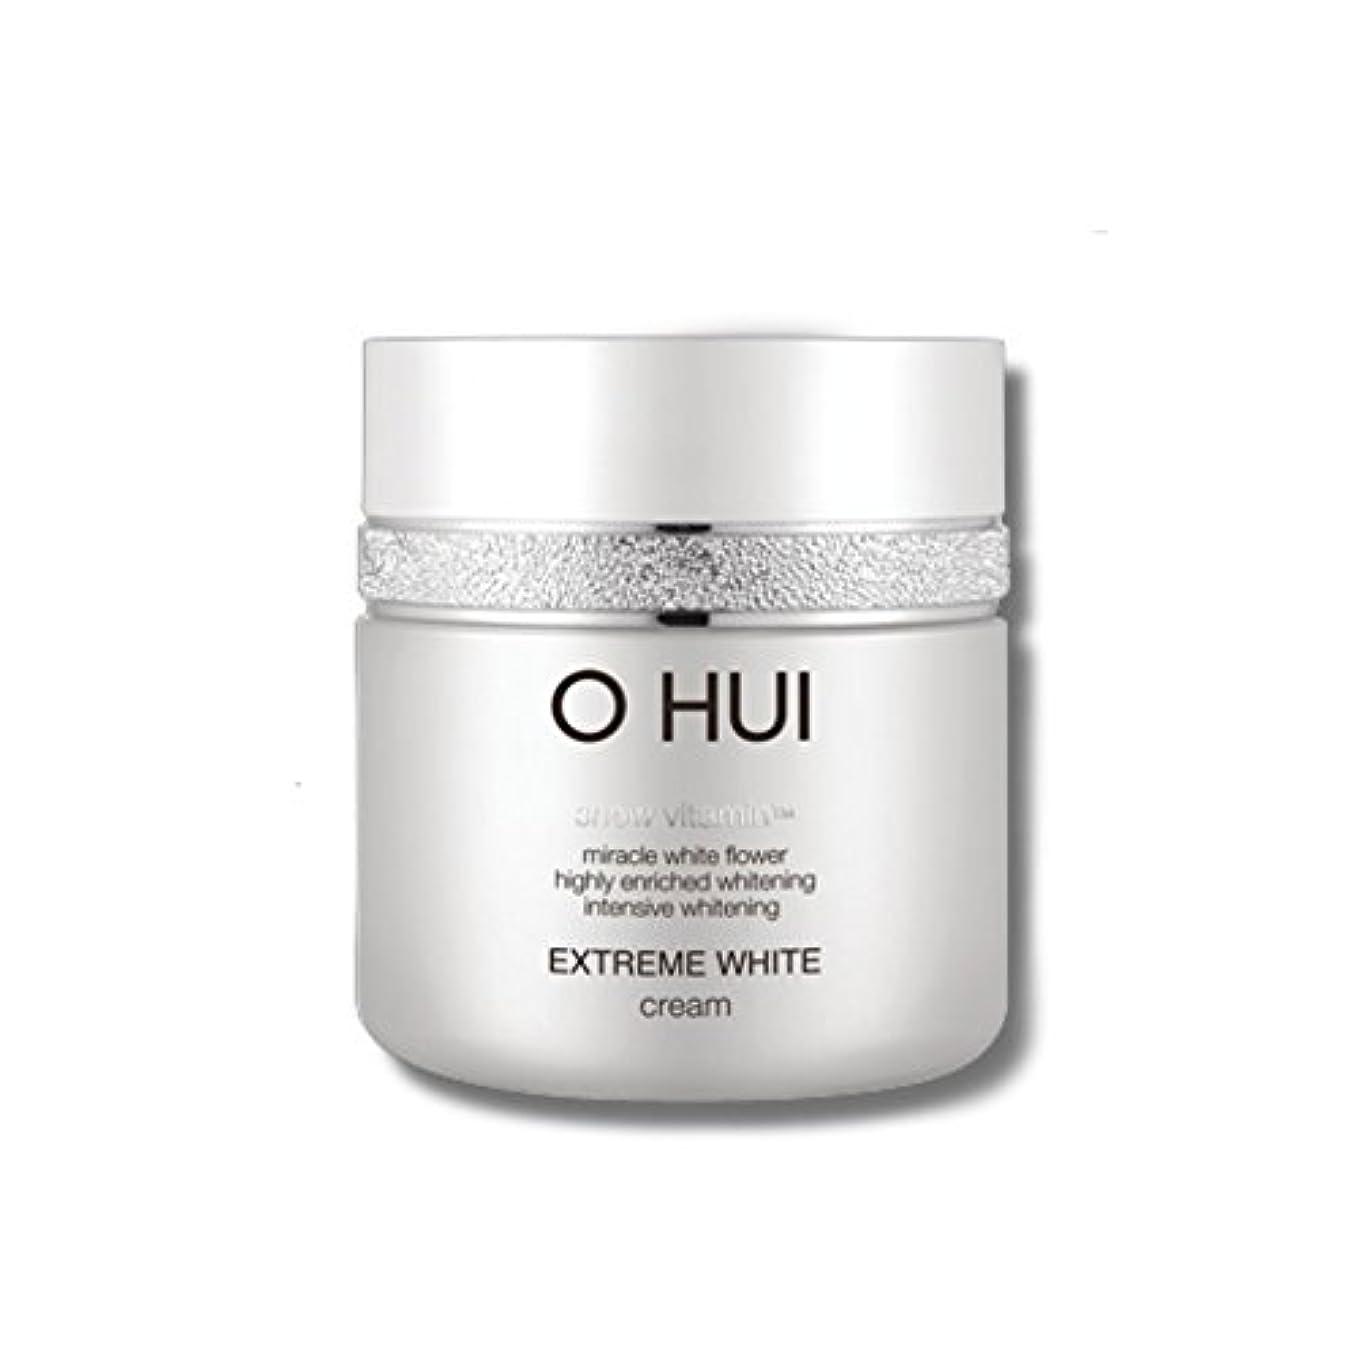 簿記係摂動部分OHUI Extreme White Cream 50ml/オフィ エクストリーム ホワイト クリーム 50ml [並行輸入品]